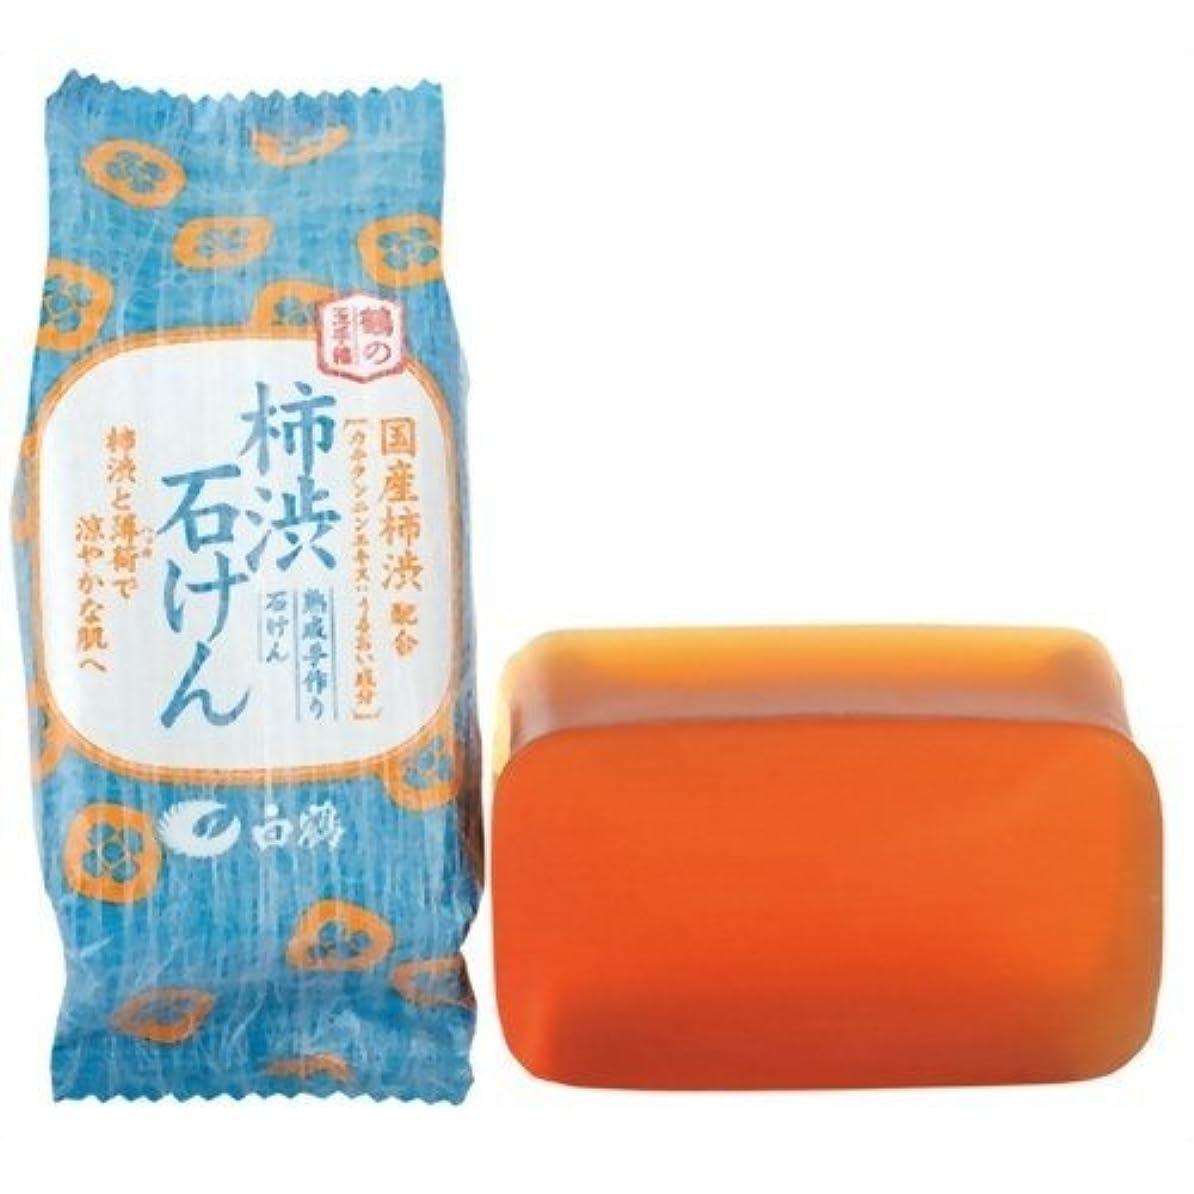 あいにく排泄する水平白鶴 鶴の玉手箱 薬用 柿渋石けん 110g × 10個